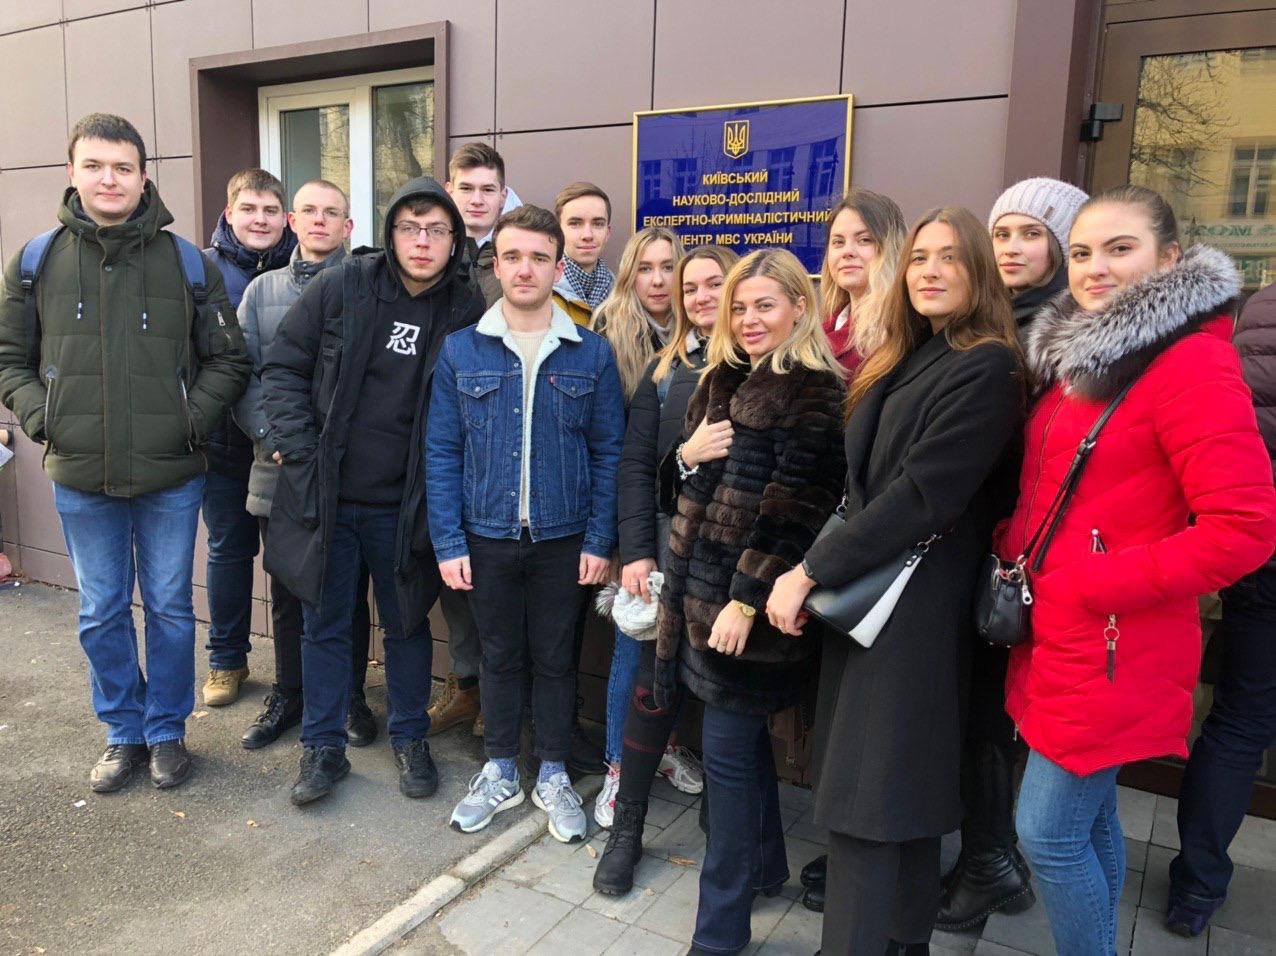 Студенти факультету міжнародних відносин НАУ відвідали Київський науково-дослідний експертно-криміналістичний центр МВС України